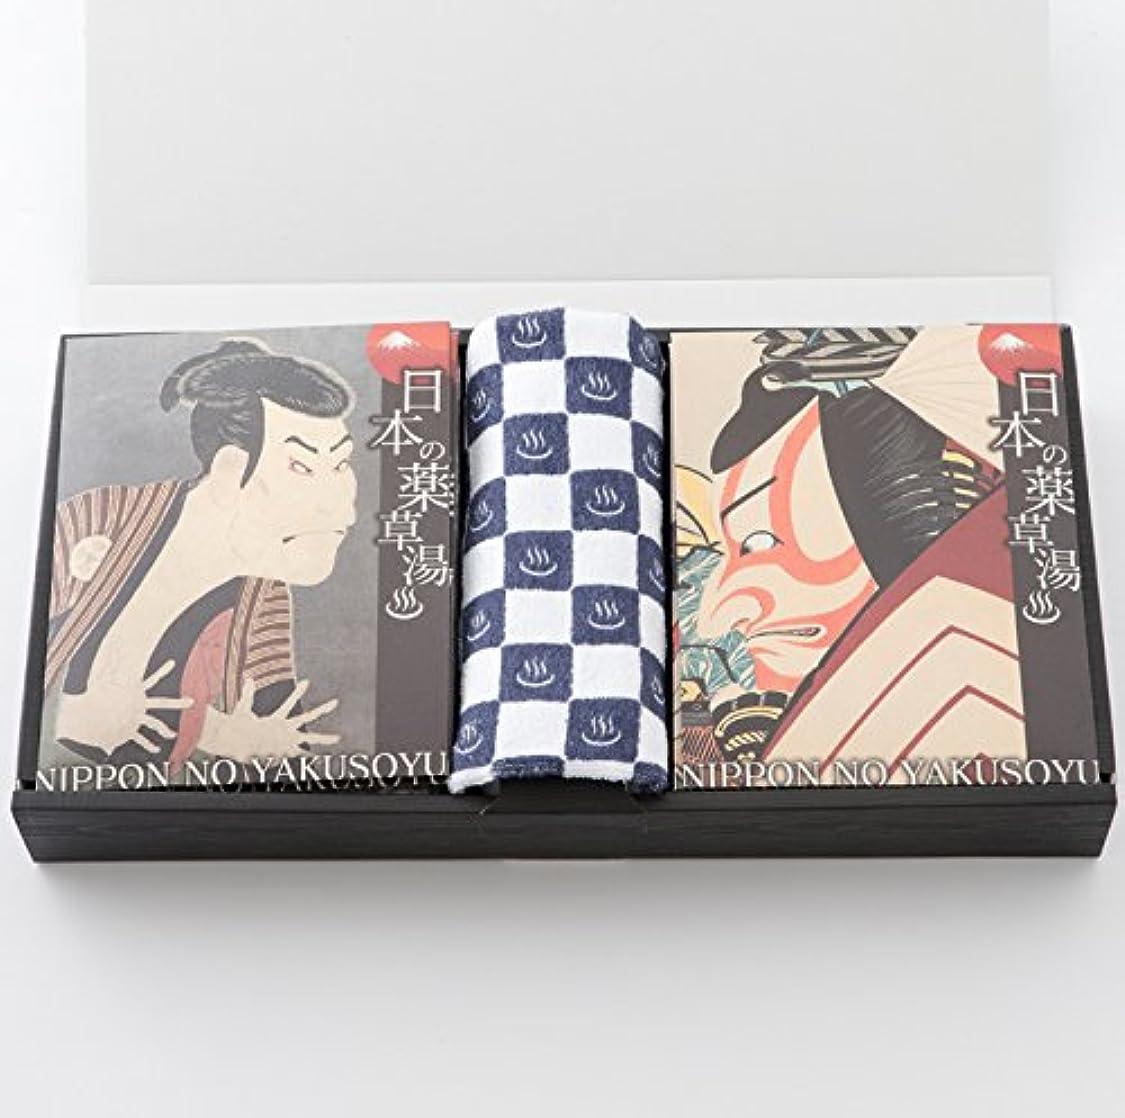 コース失態行き当たりばったり日本の薬草湯と湯めぐりタオルギフト (日本の薬草湯9包+湯めぐりタオル1本)